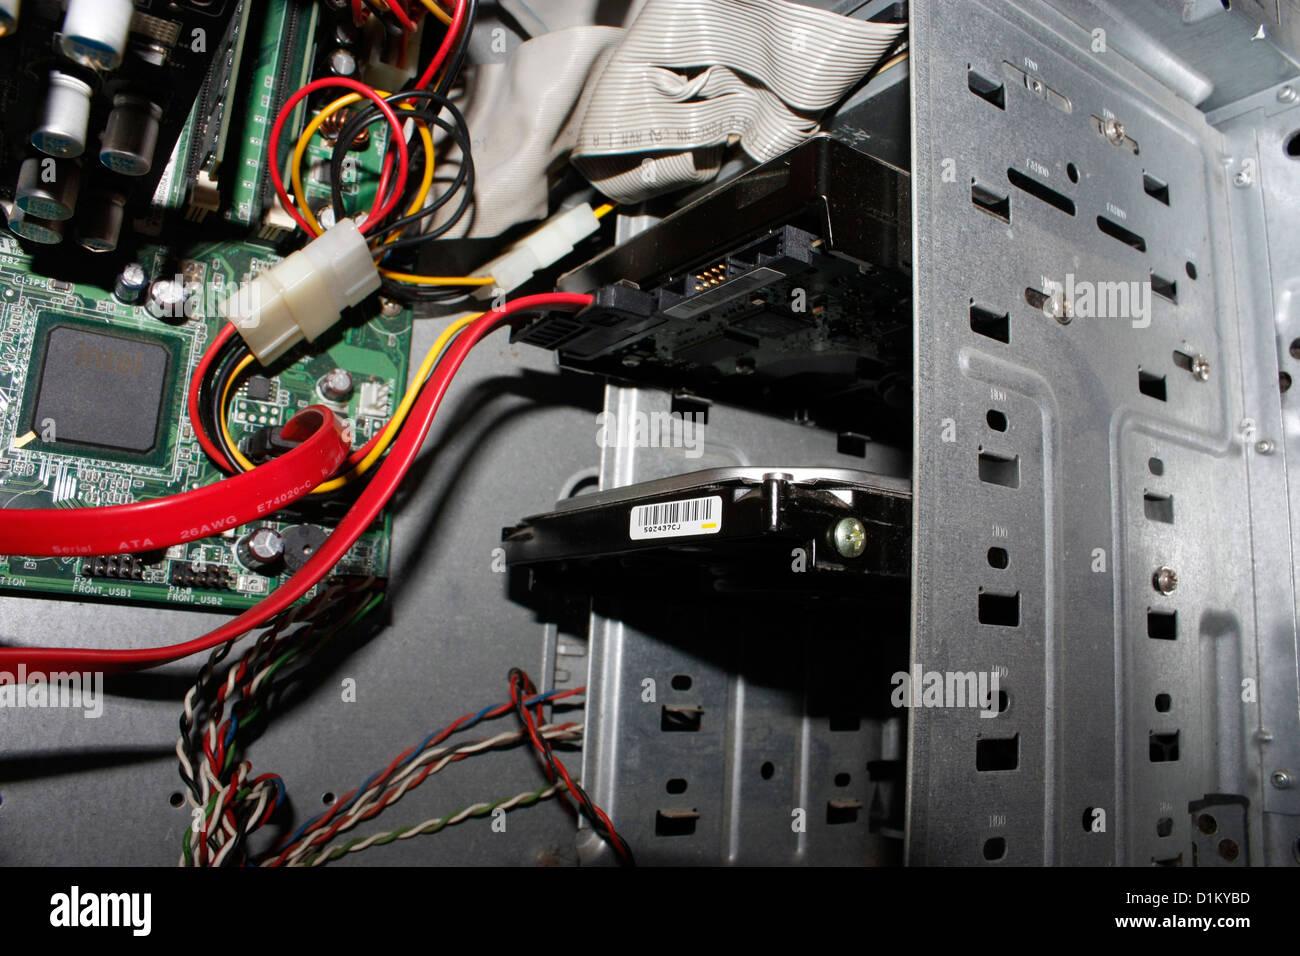 Un ordinateur de bureau PC avec cabinet ouvert montrant les pièces internes Photo Stock